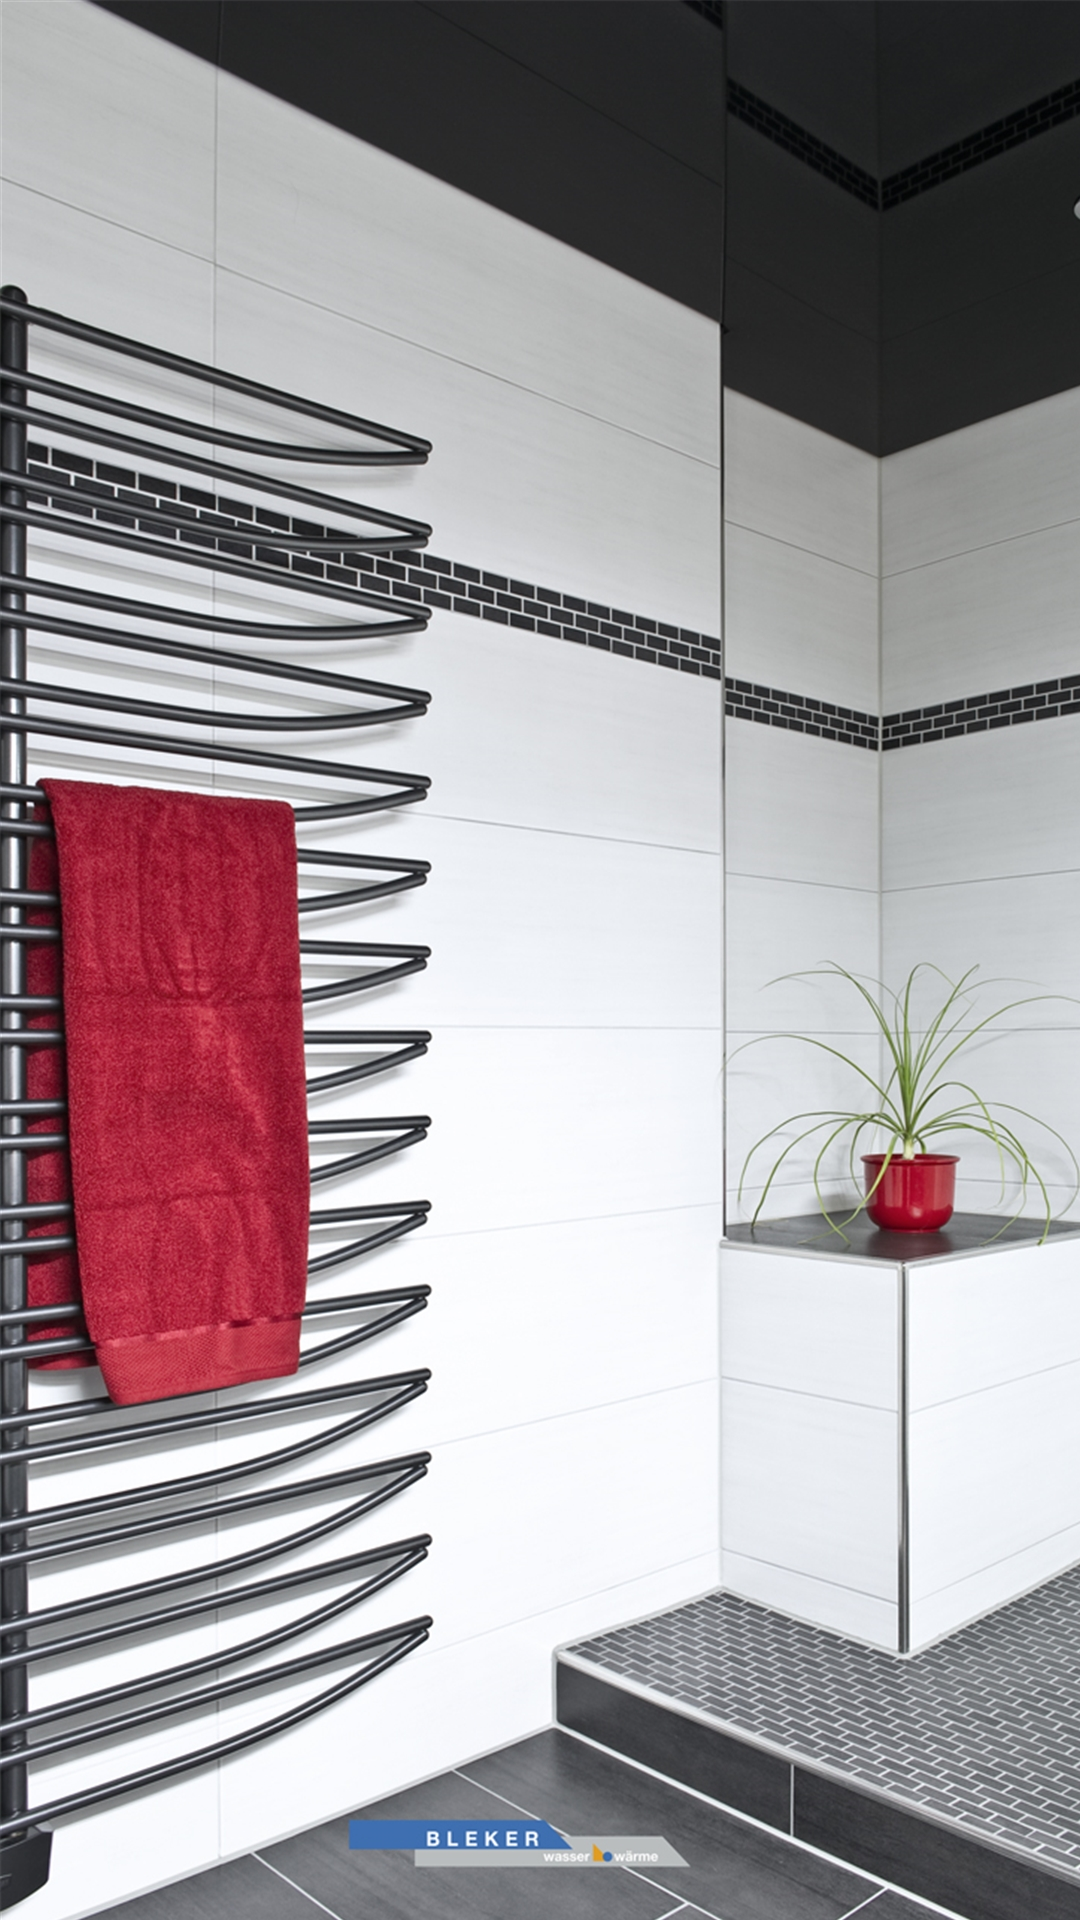 Bad in schwarz weiss mit rotem Handtuch und rotem Blumentopf